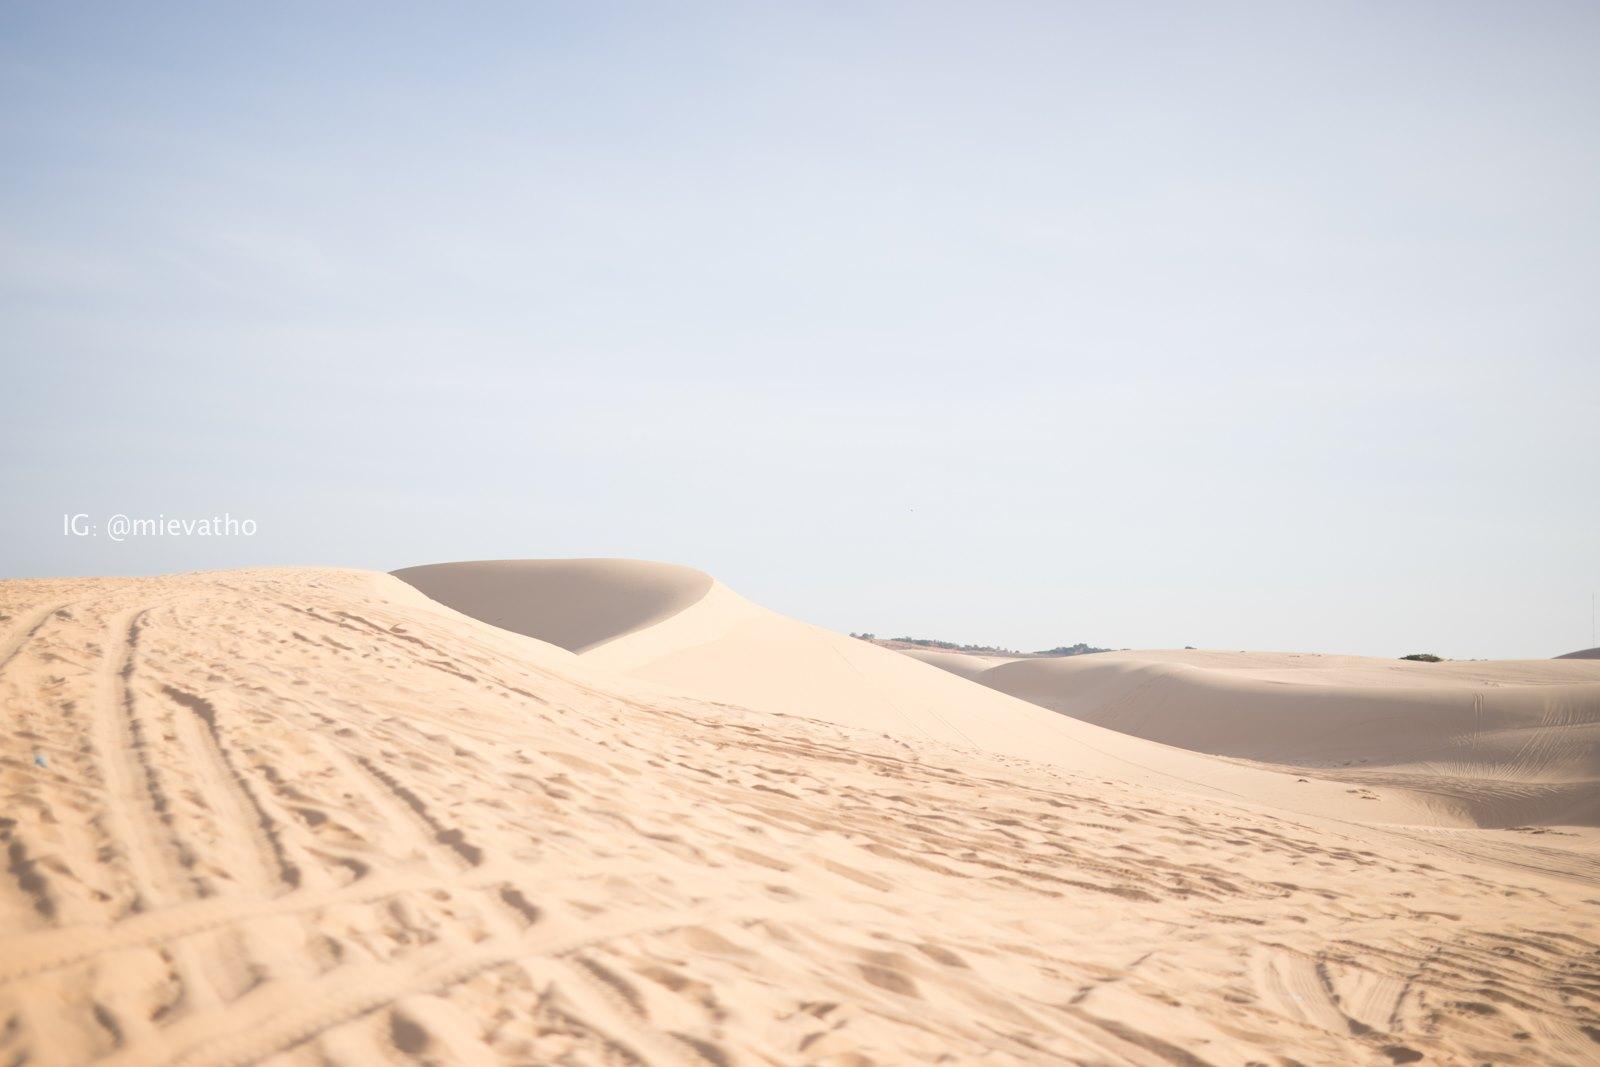 """Đến Bàu Trắng Bình Thuận, khám phá """"tiểu Sahara"""" ấn tượng của dải đất miền Trung  - Ảnh 3."""